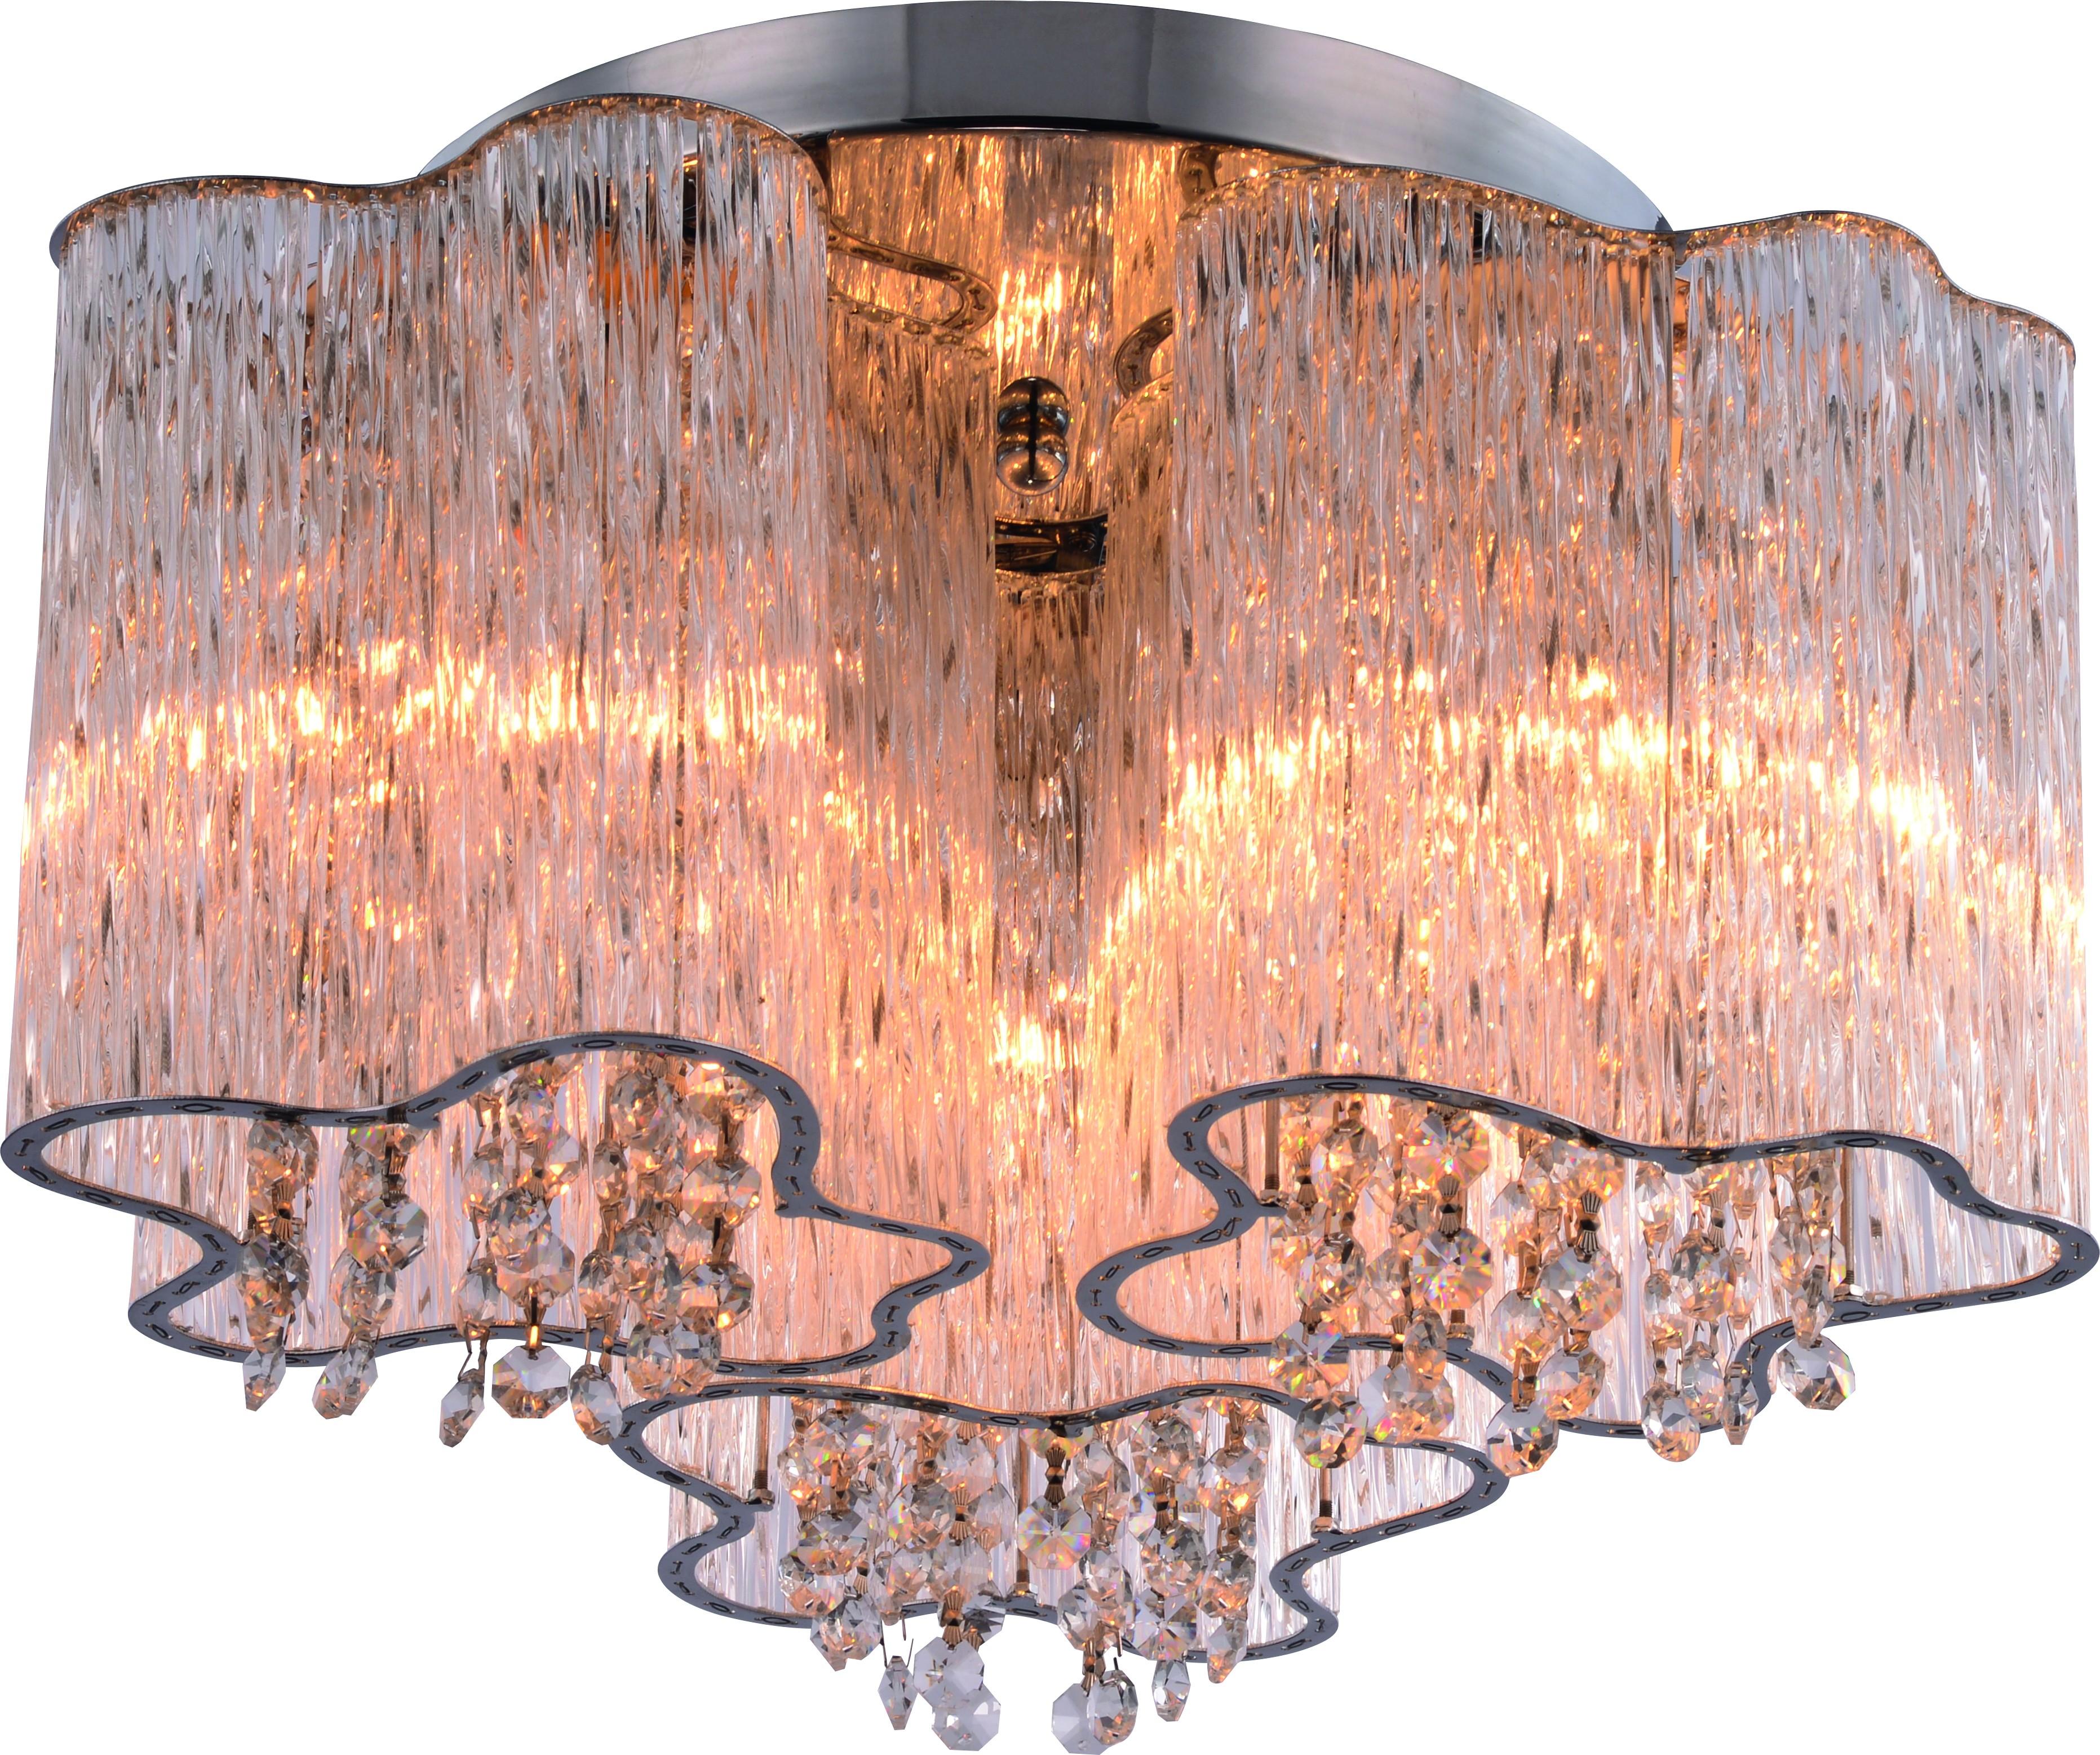 Люстра Arte lamp A8560pl-3cl eyki 8560